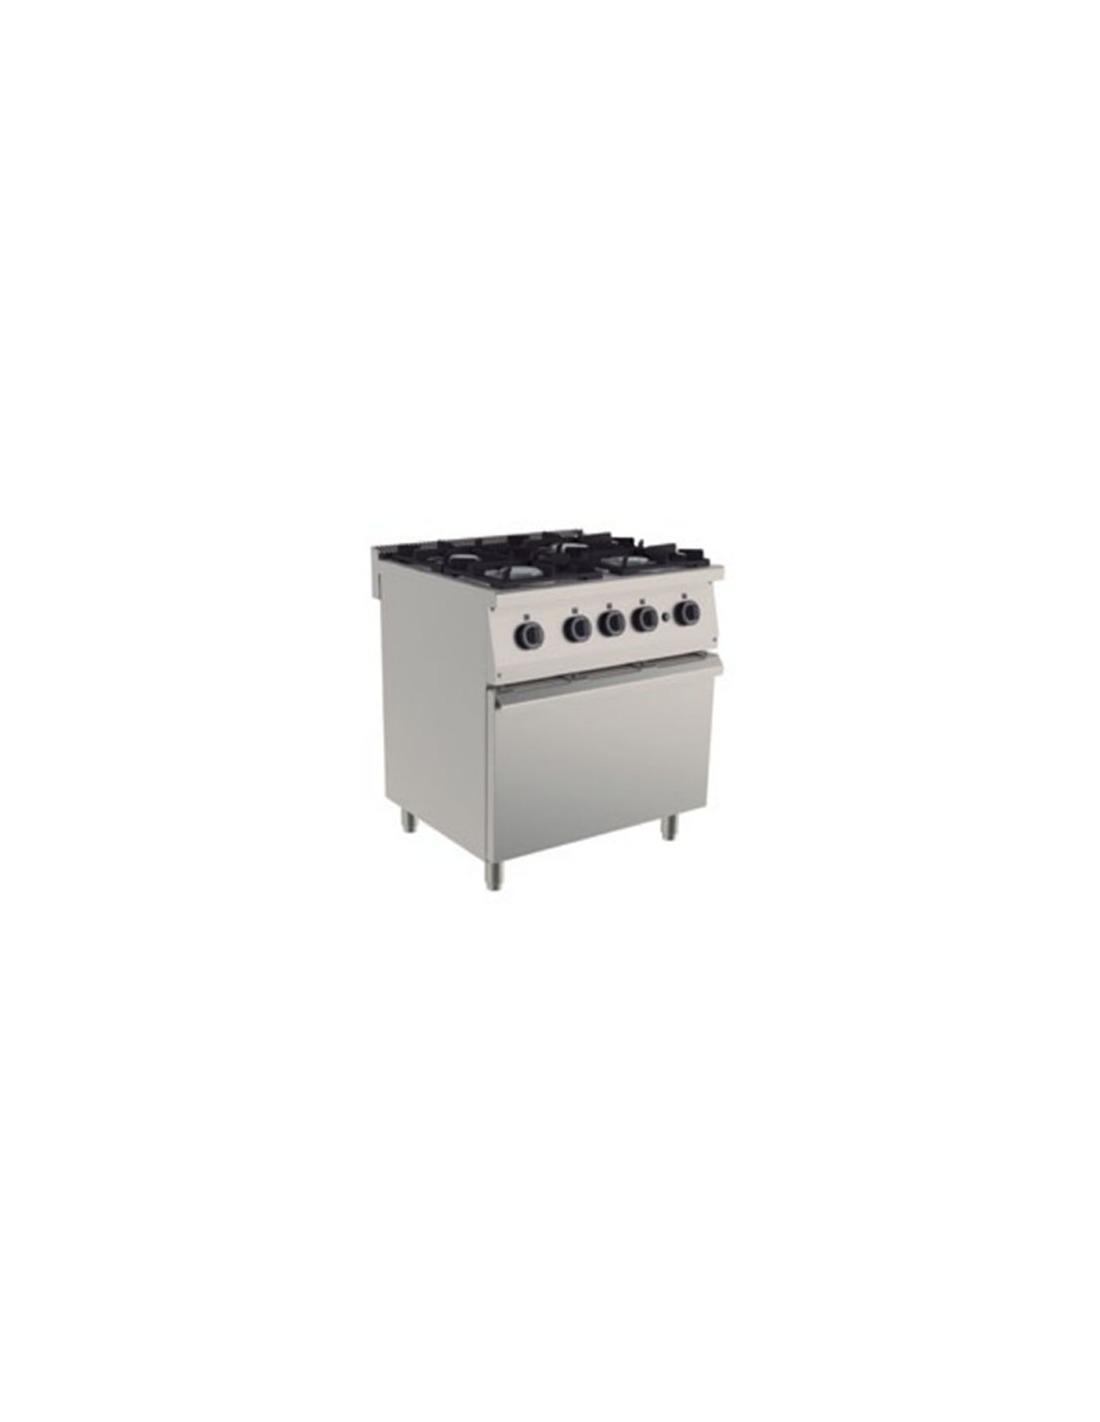 Cocina industrial 4 fuegos for Cocina 4 fuegos con horno a gas